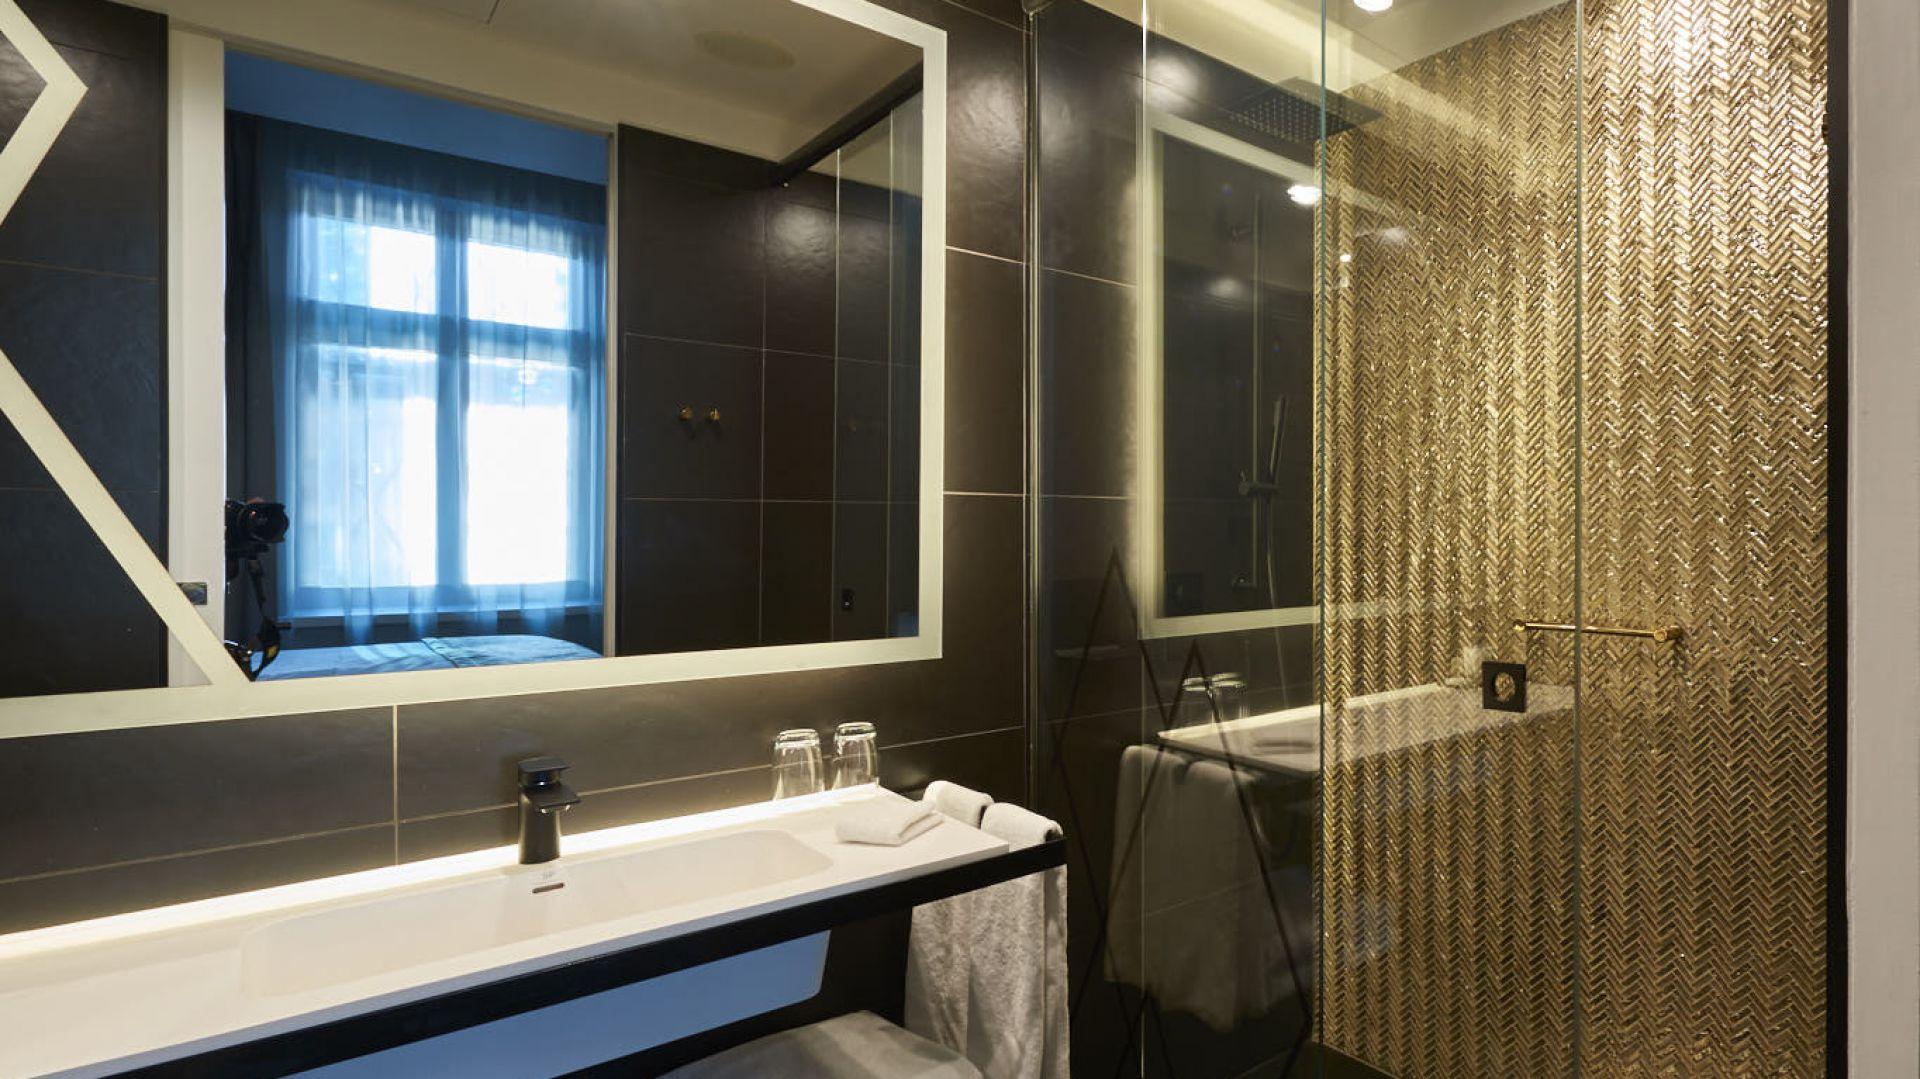 Szklana kabina prysznicowa. Fot. CDA Polska